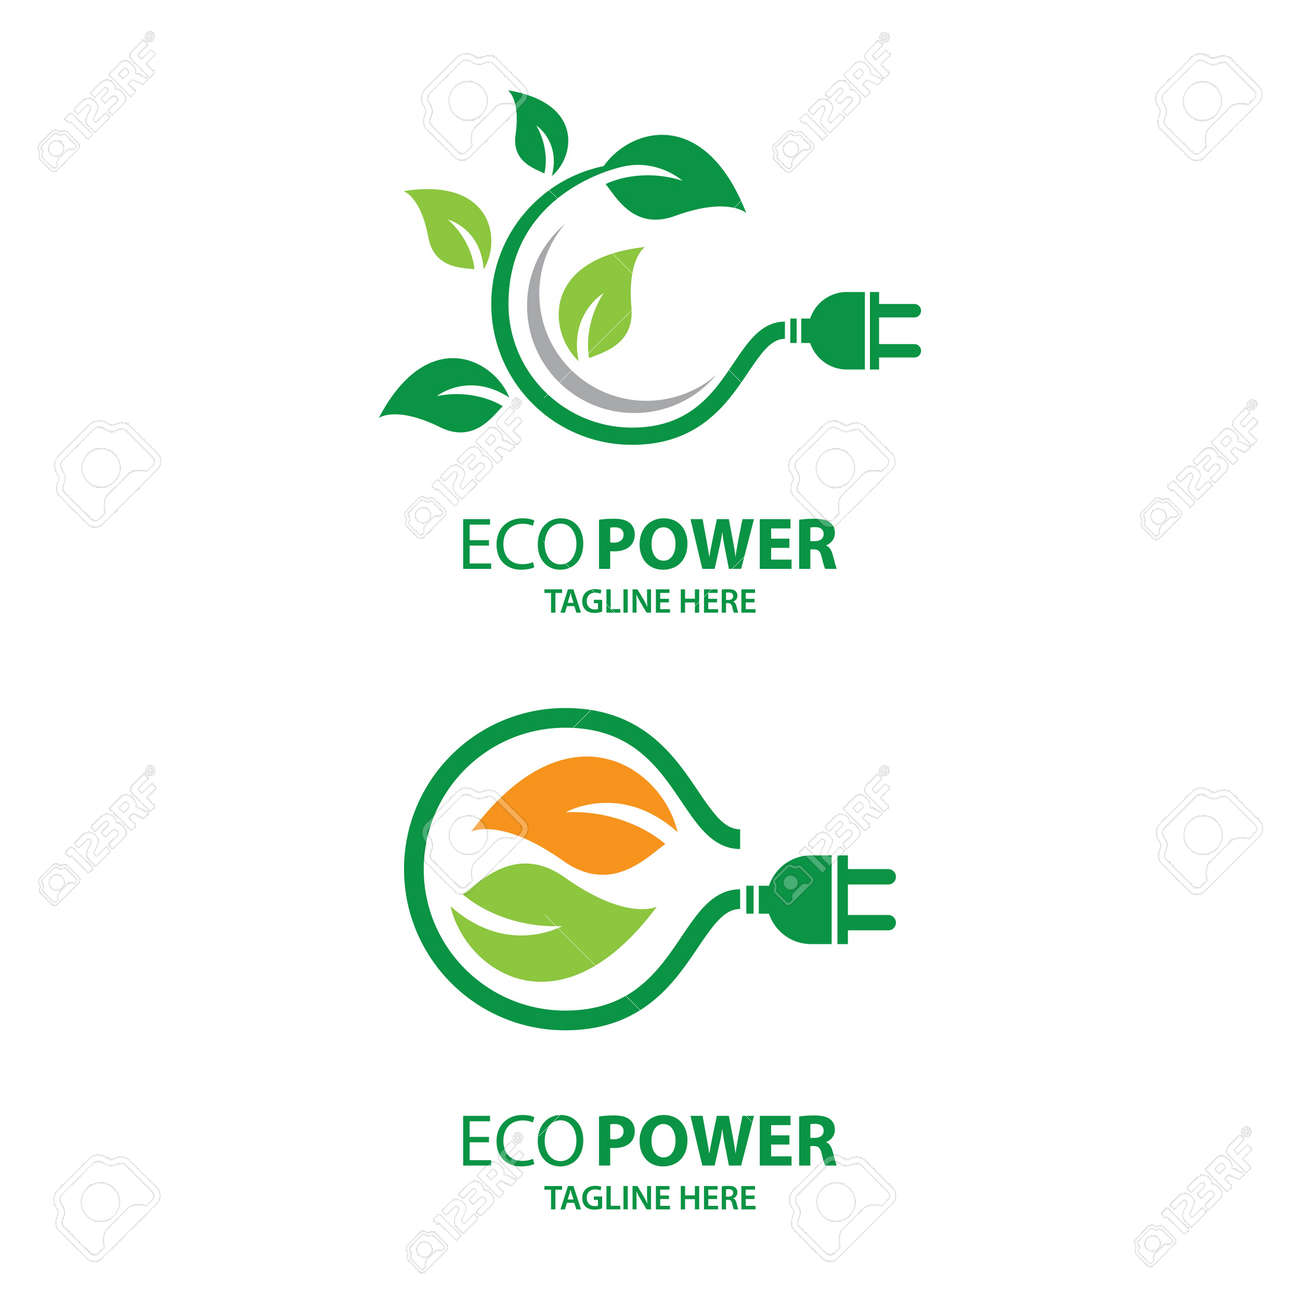 Eco energy logo images illustration design - 171705467